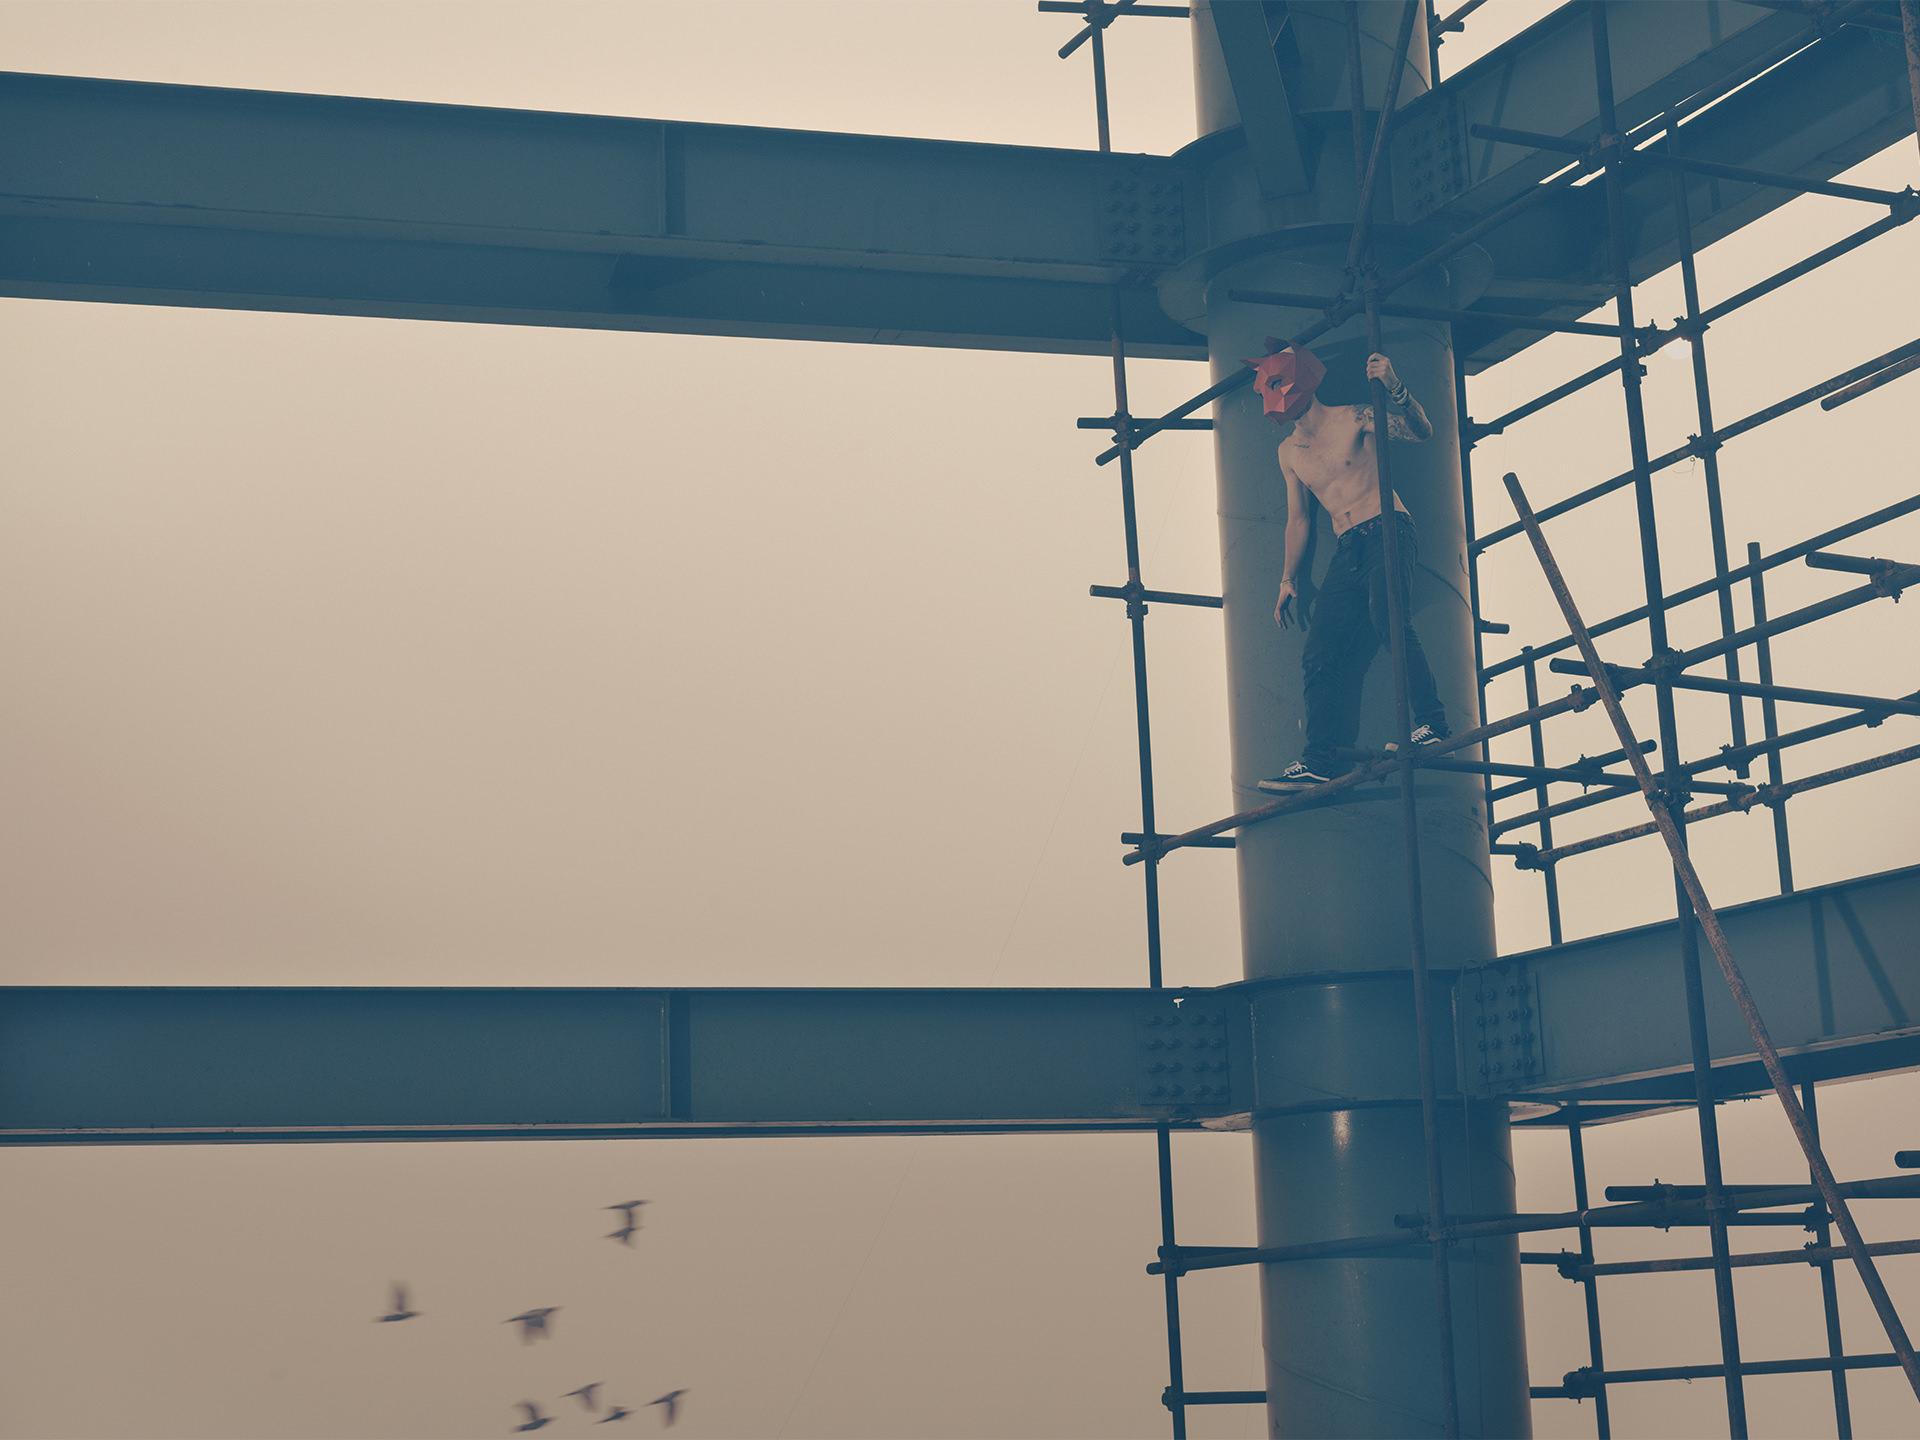 wintercroft, masken, beijing,china, www.ankeluckmann.com, parkour, peking, fine art, personal work, urban, goes awards, cat, roof, birds